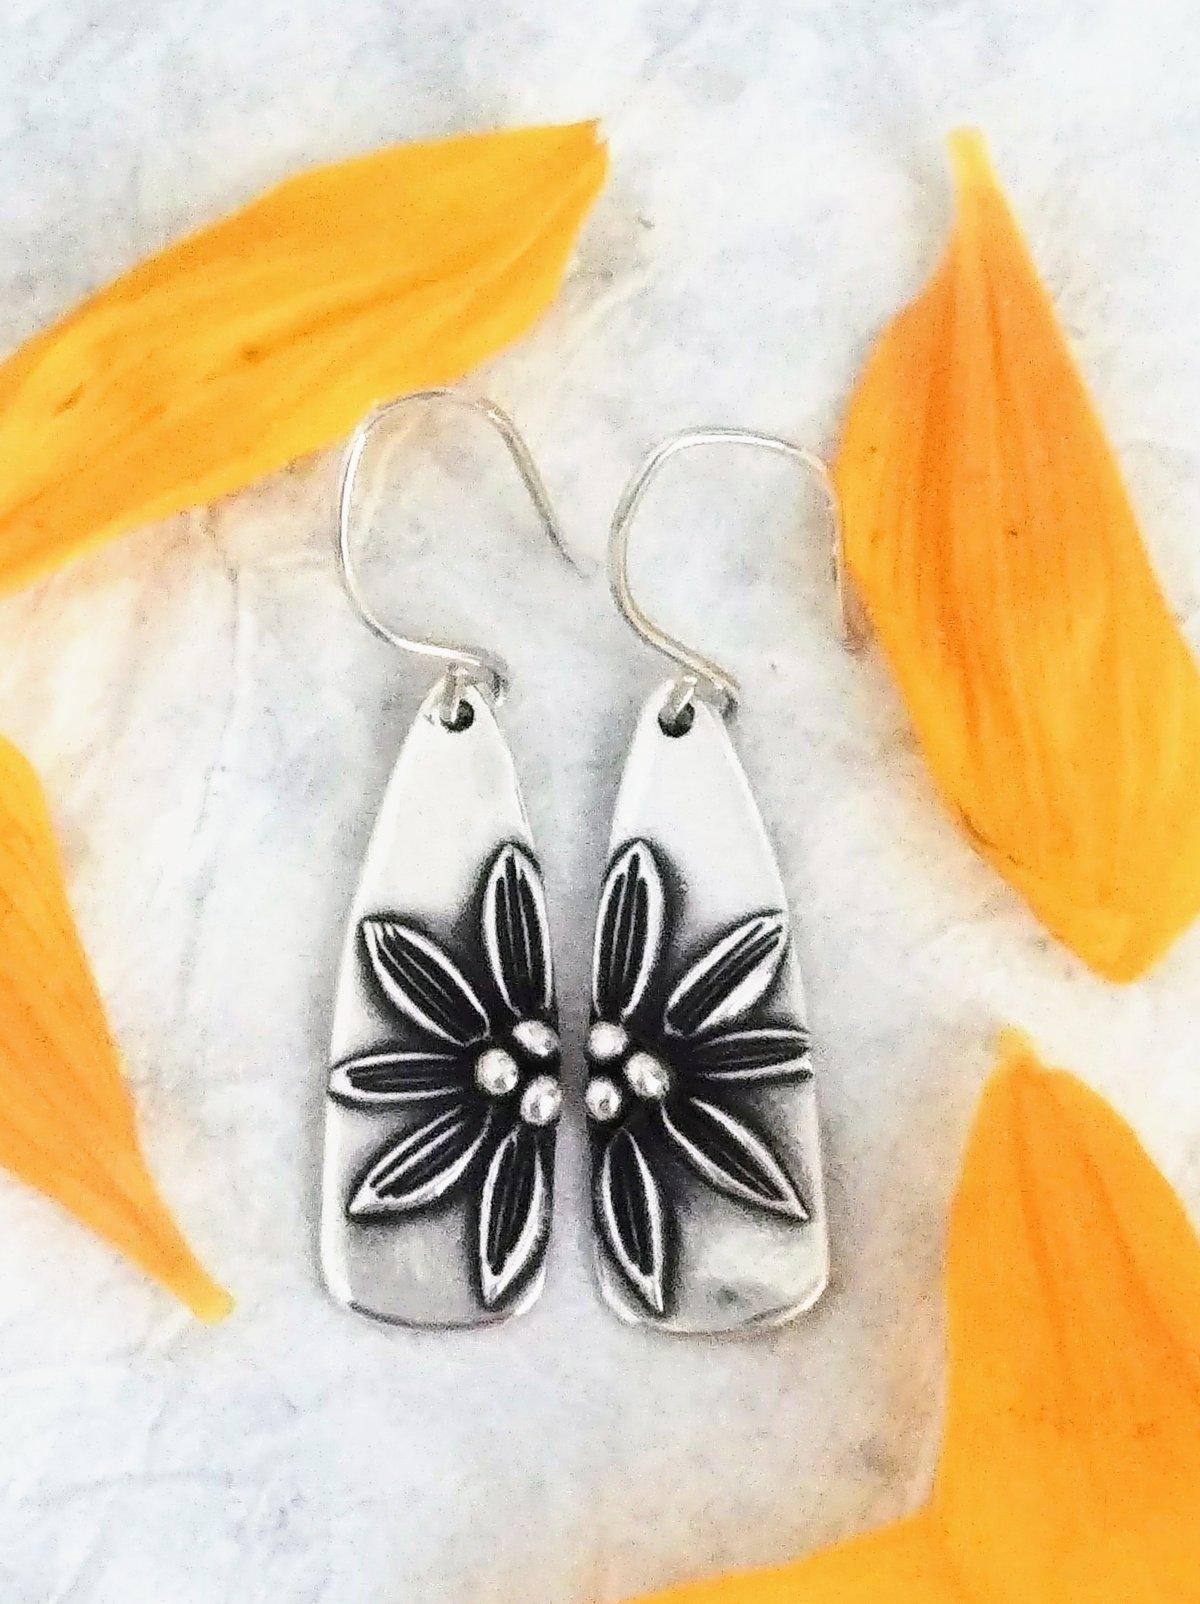 Image of Balsamroot Sunflower Earrings